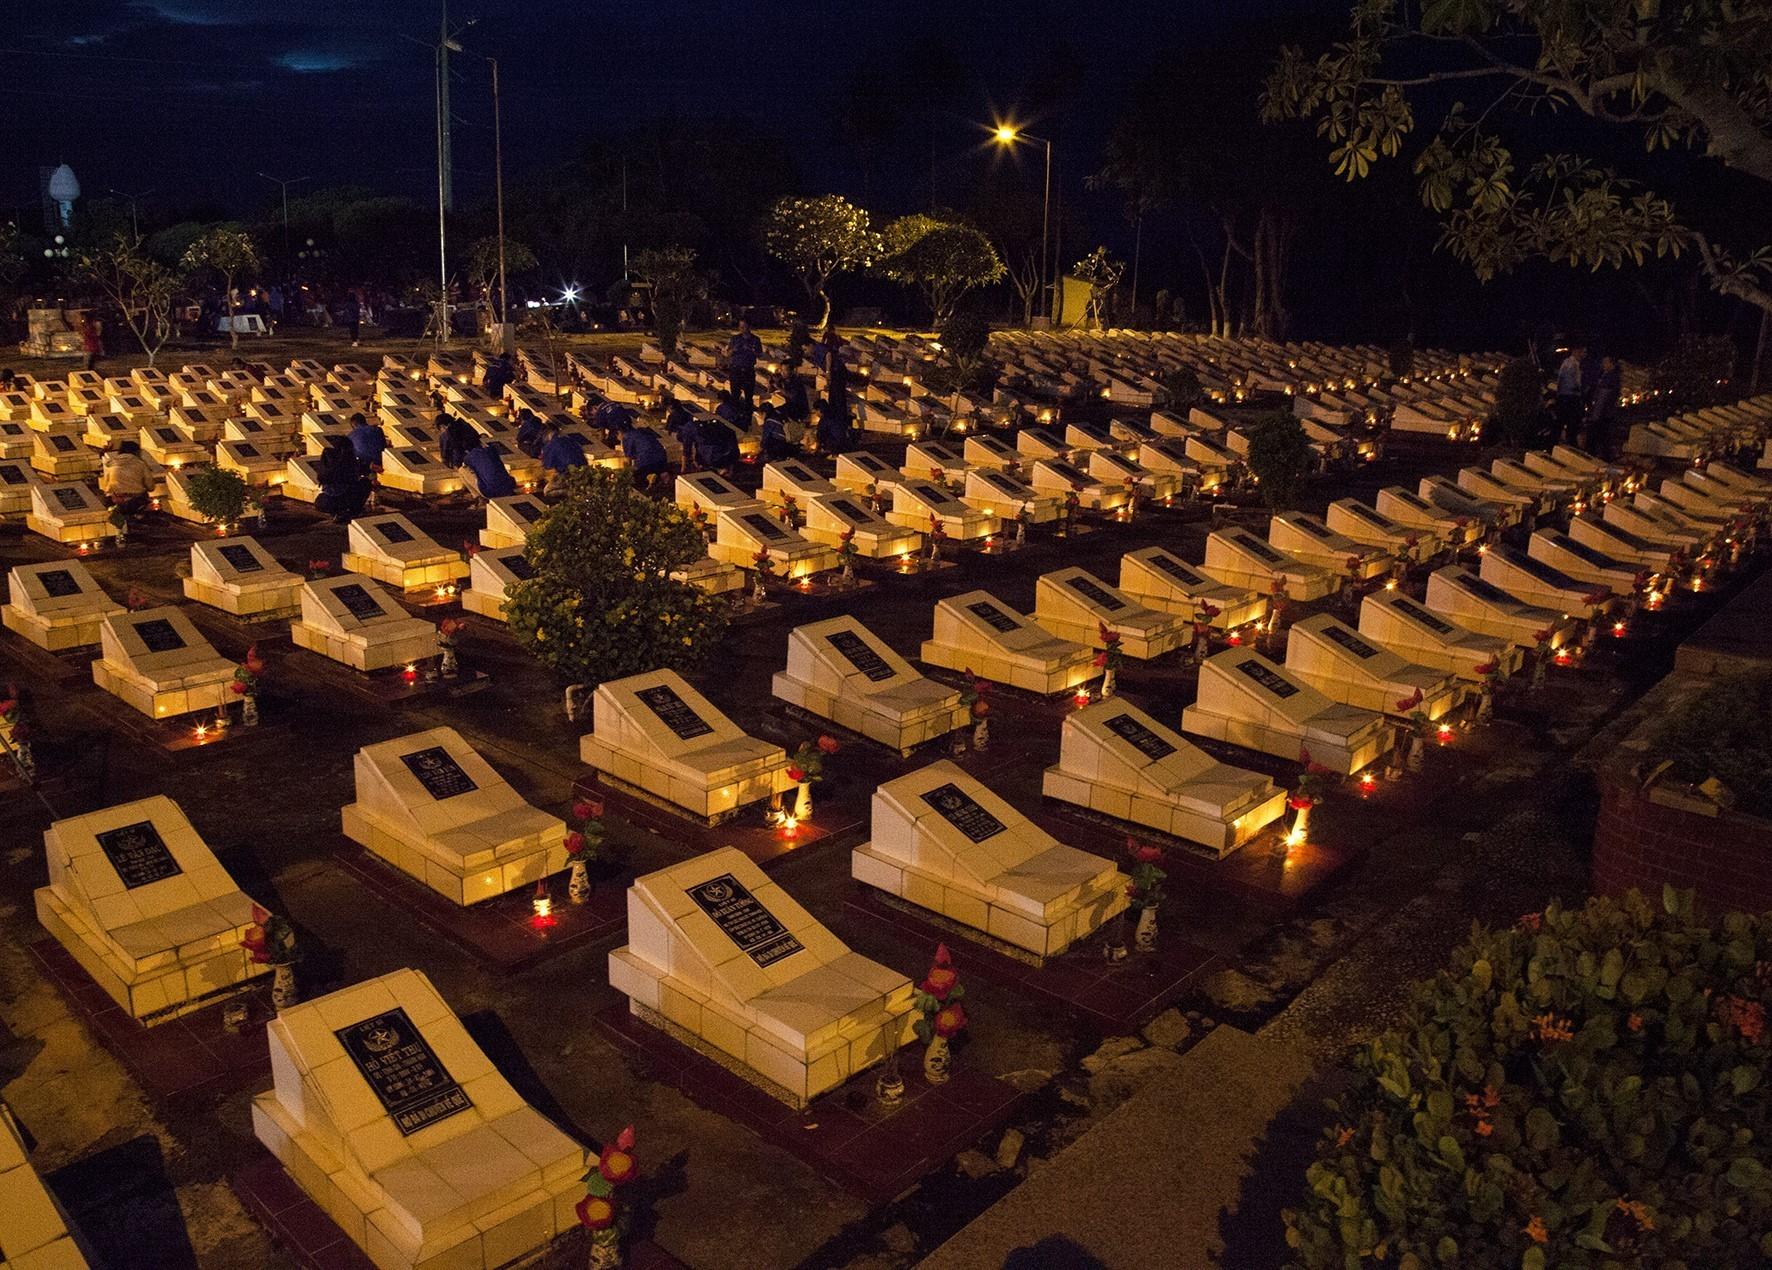 Thắp nến tri ân tại Nghĩa trang Liệt sỹ tỉnh Kiên Giang. (Ảnh: Hồng Đạt/TTXVN)